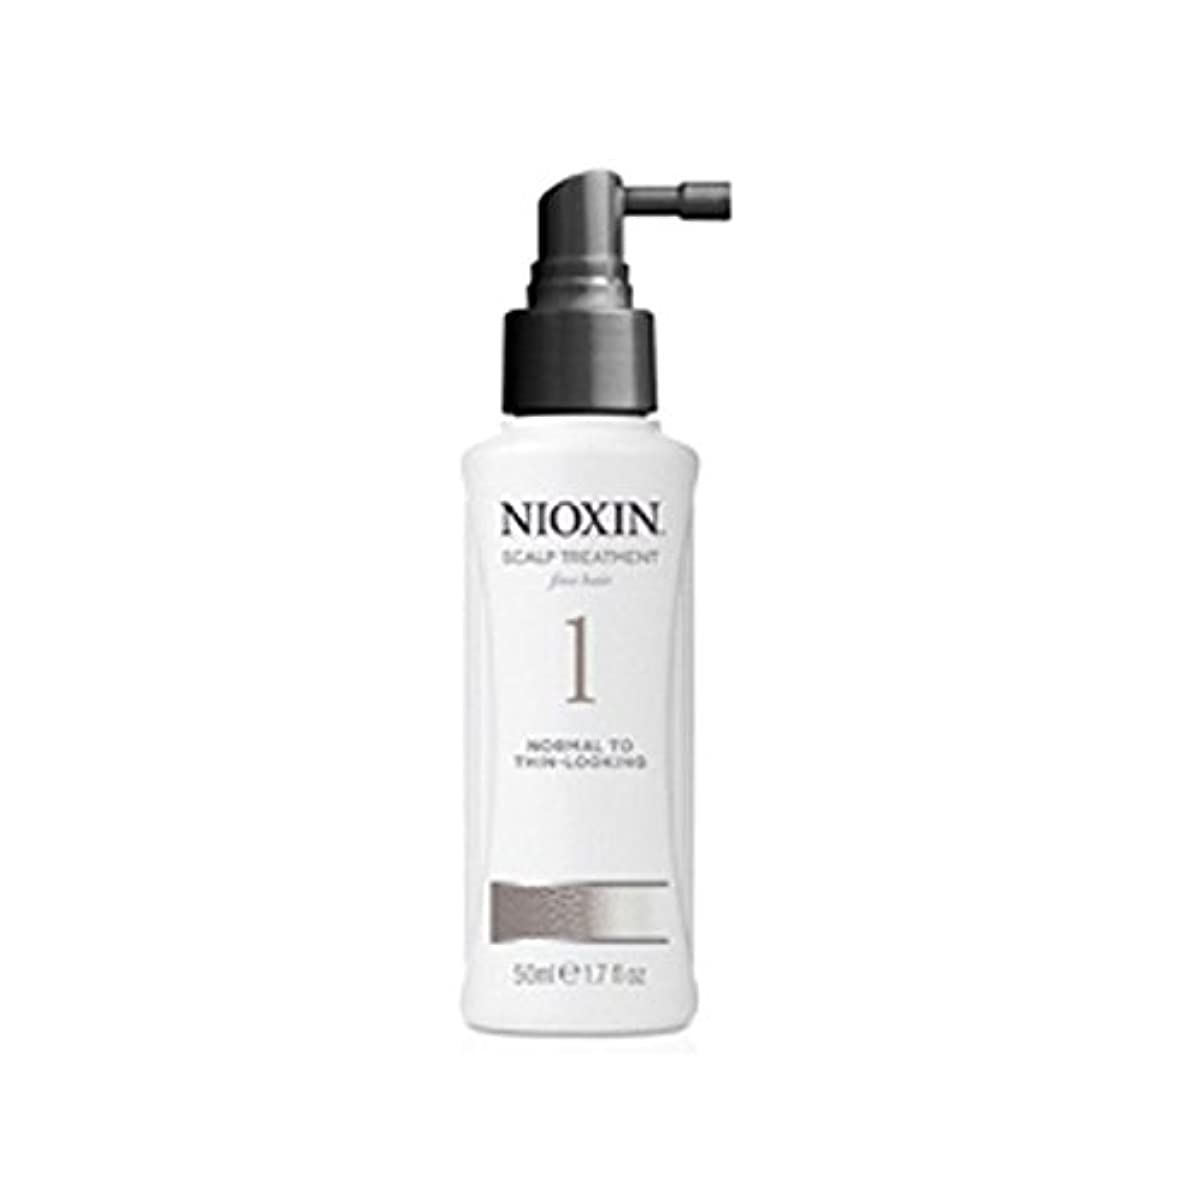 混雑広告する送った細かい自然な髪への通常のためニオキシンシステム1スカルプトリートメント(100ミリリットル) x4 - Nioxin System 1 Scalp Treatment For Normal To Fine Natural Hair (100ml) (Pack of 4) [並行輸入品]